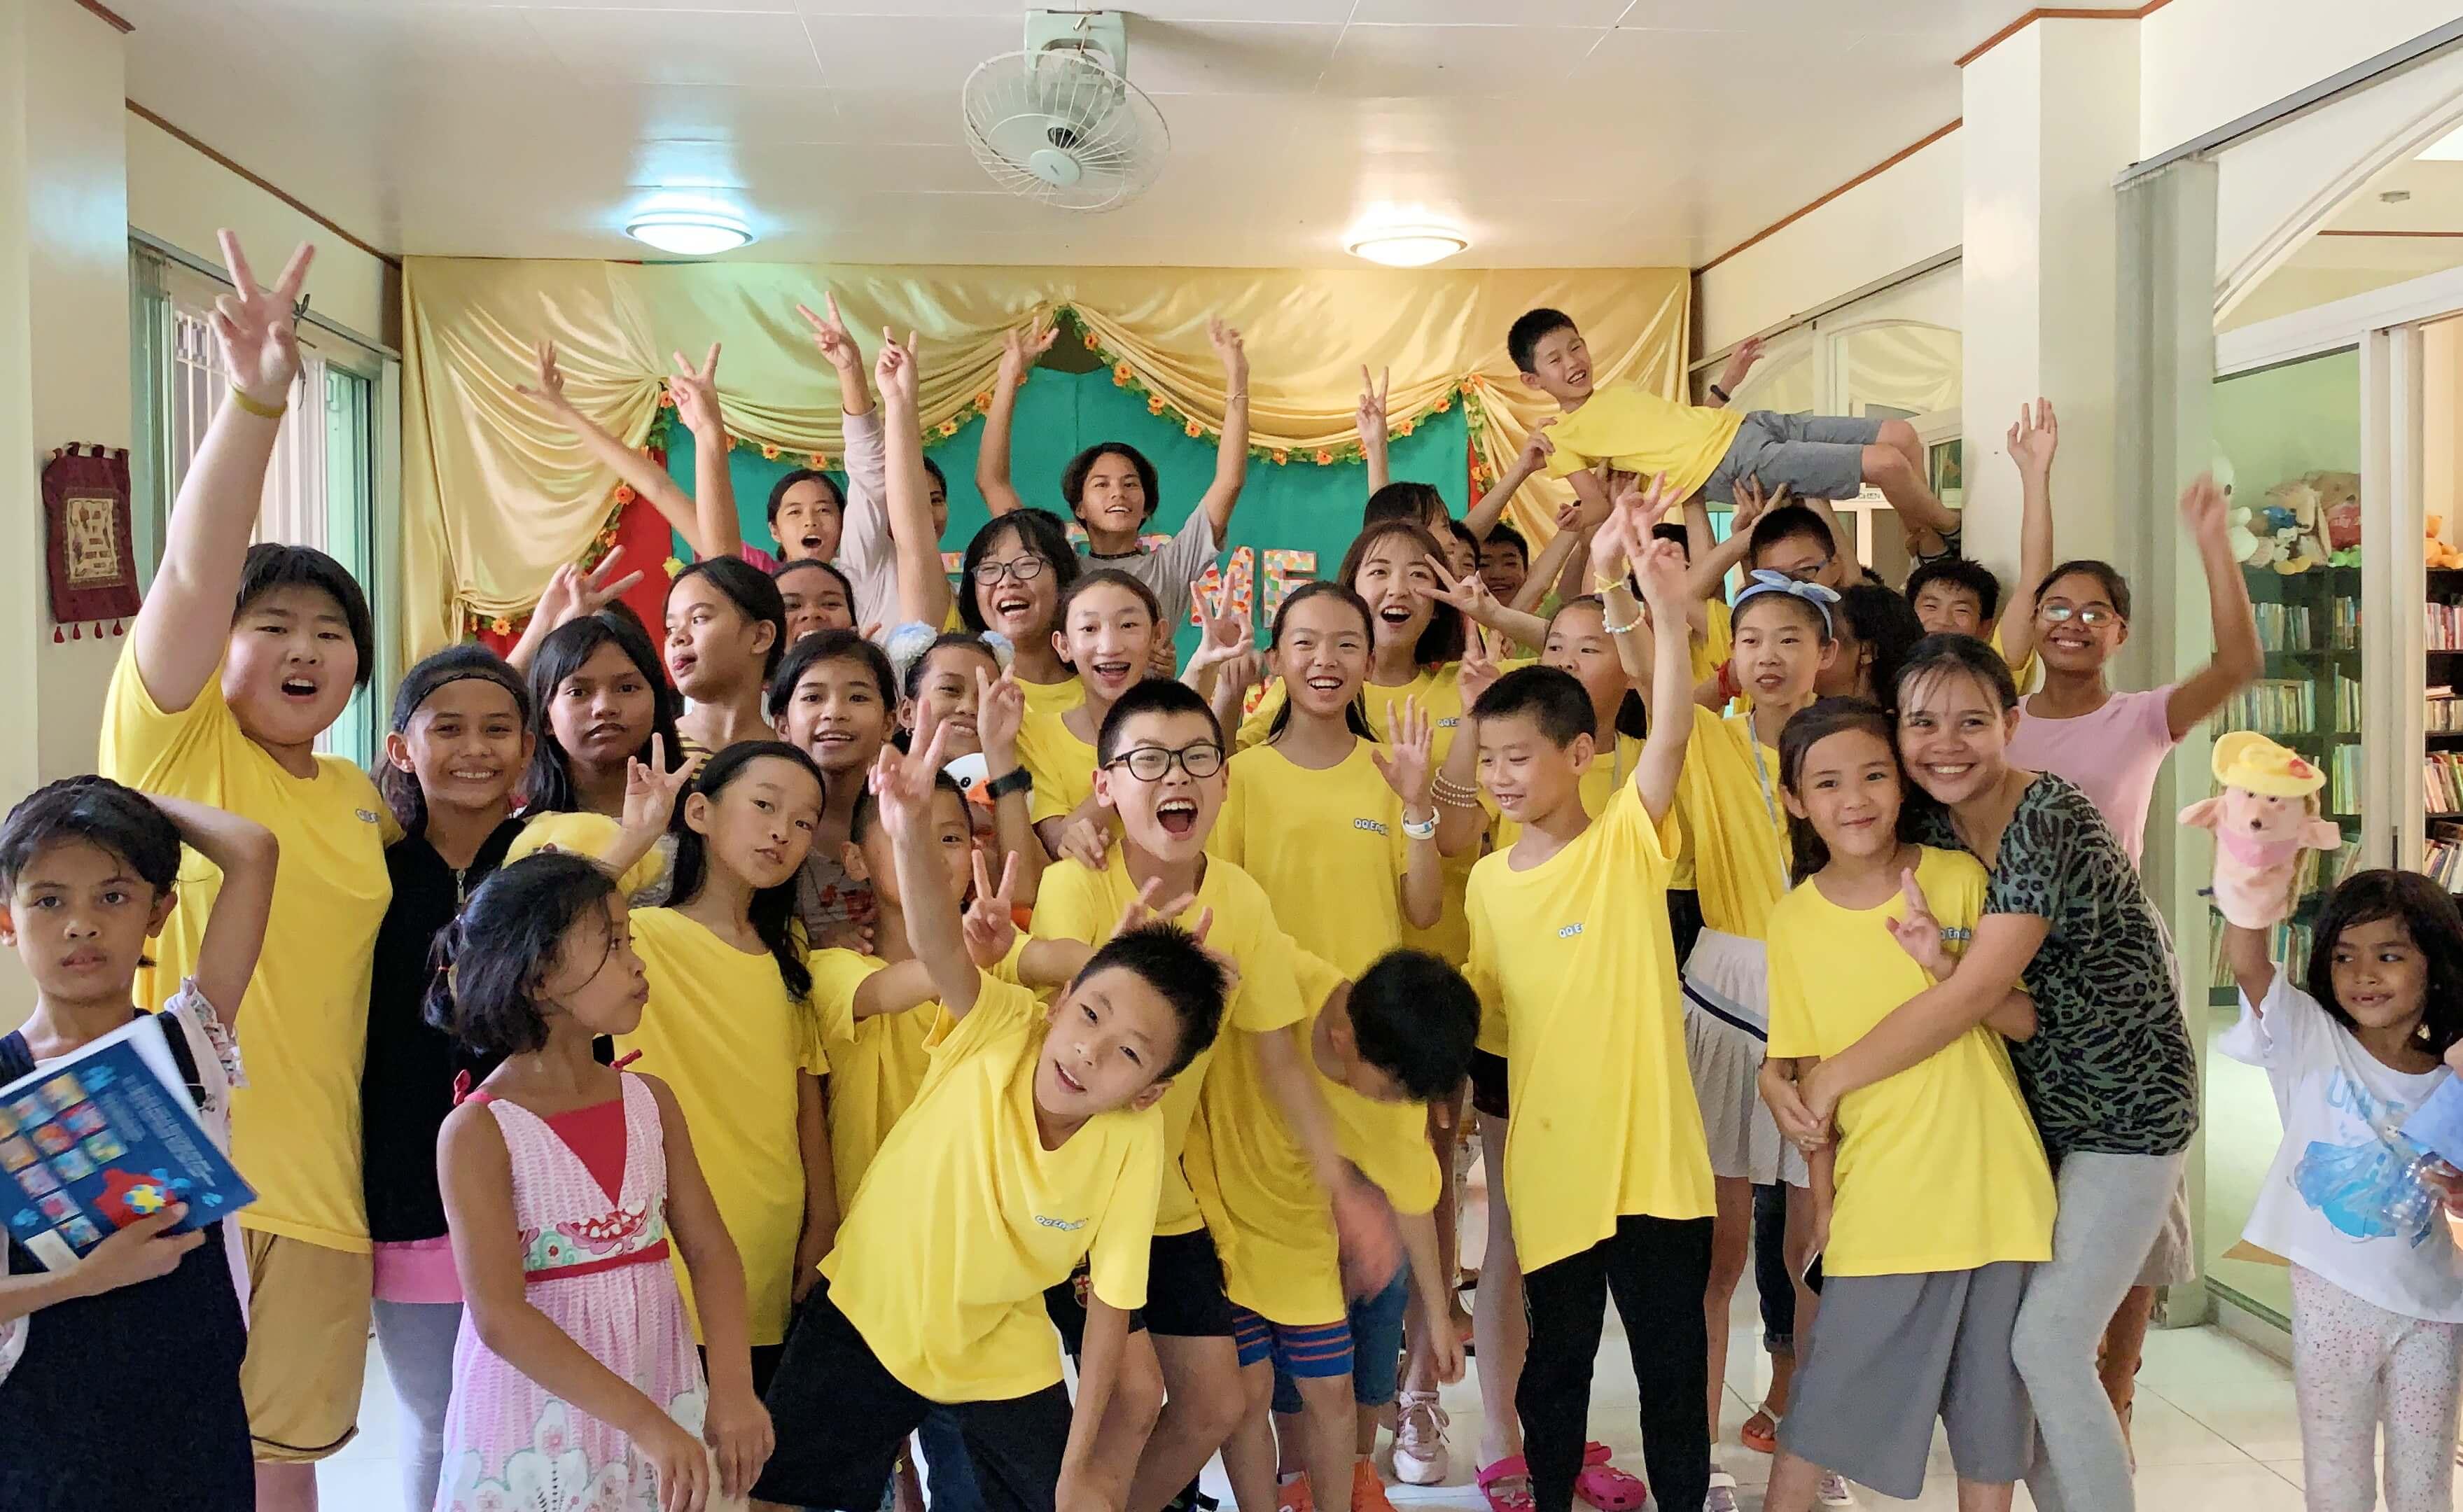 菲律宾签证涨价-青少年菲律宾游学